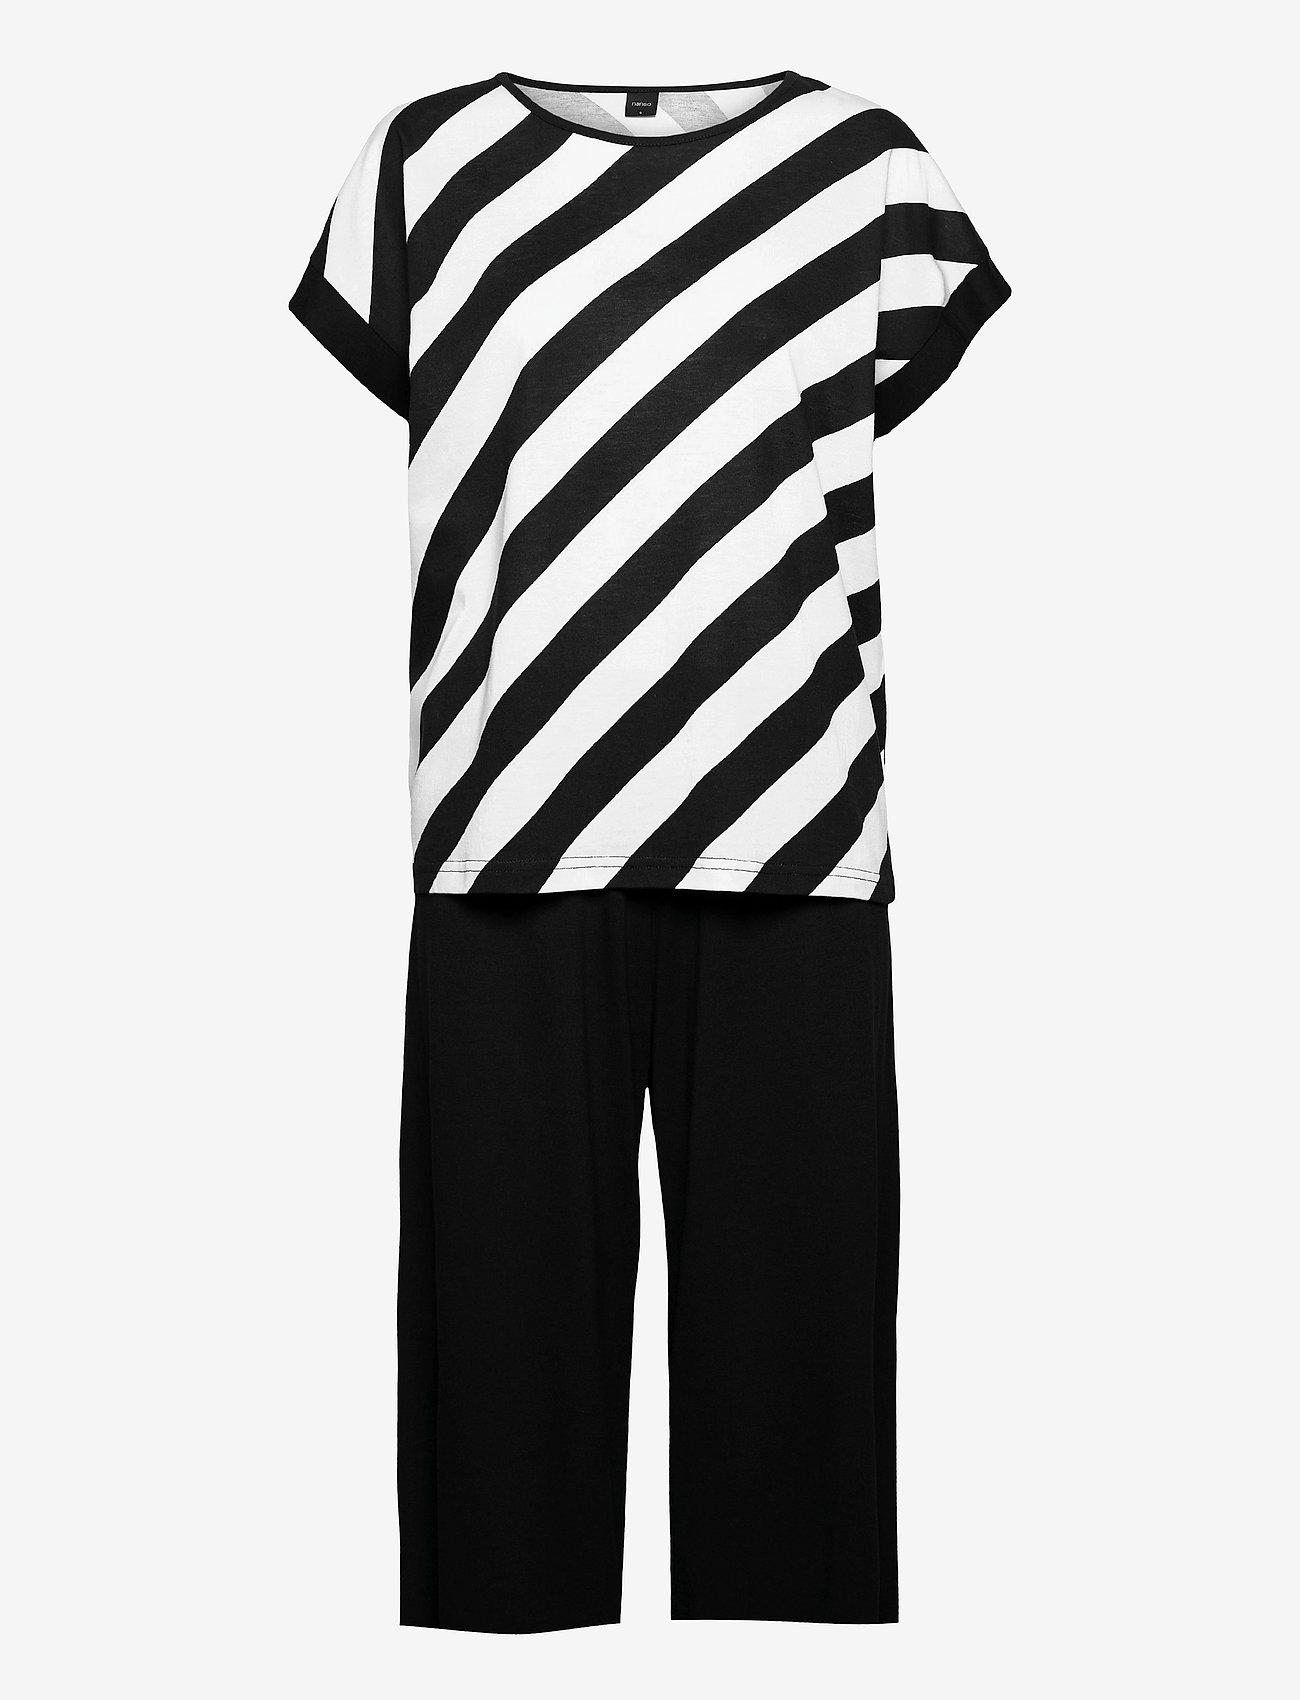 Nanso - Ladies pyjamas, Kulma - pyjamas - black and white - 0